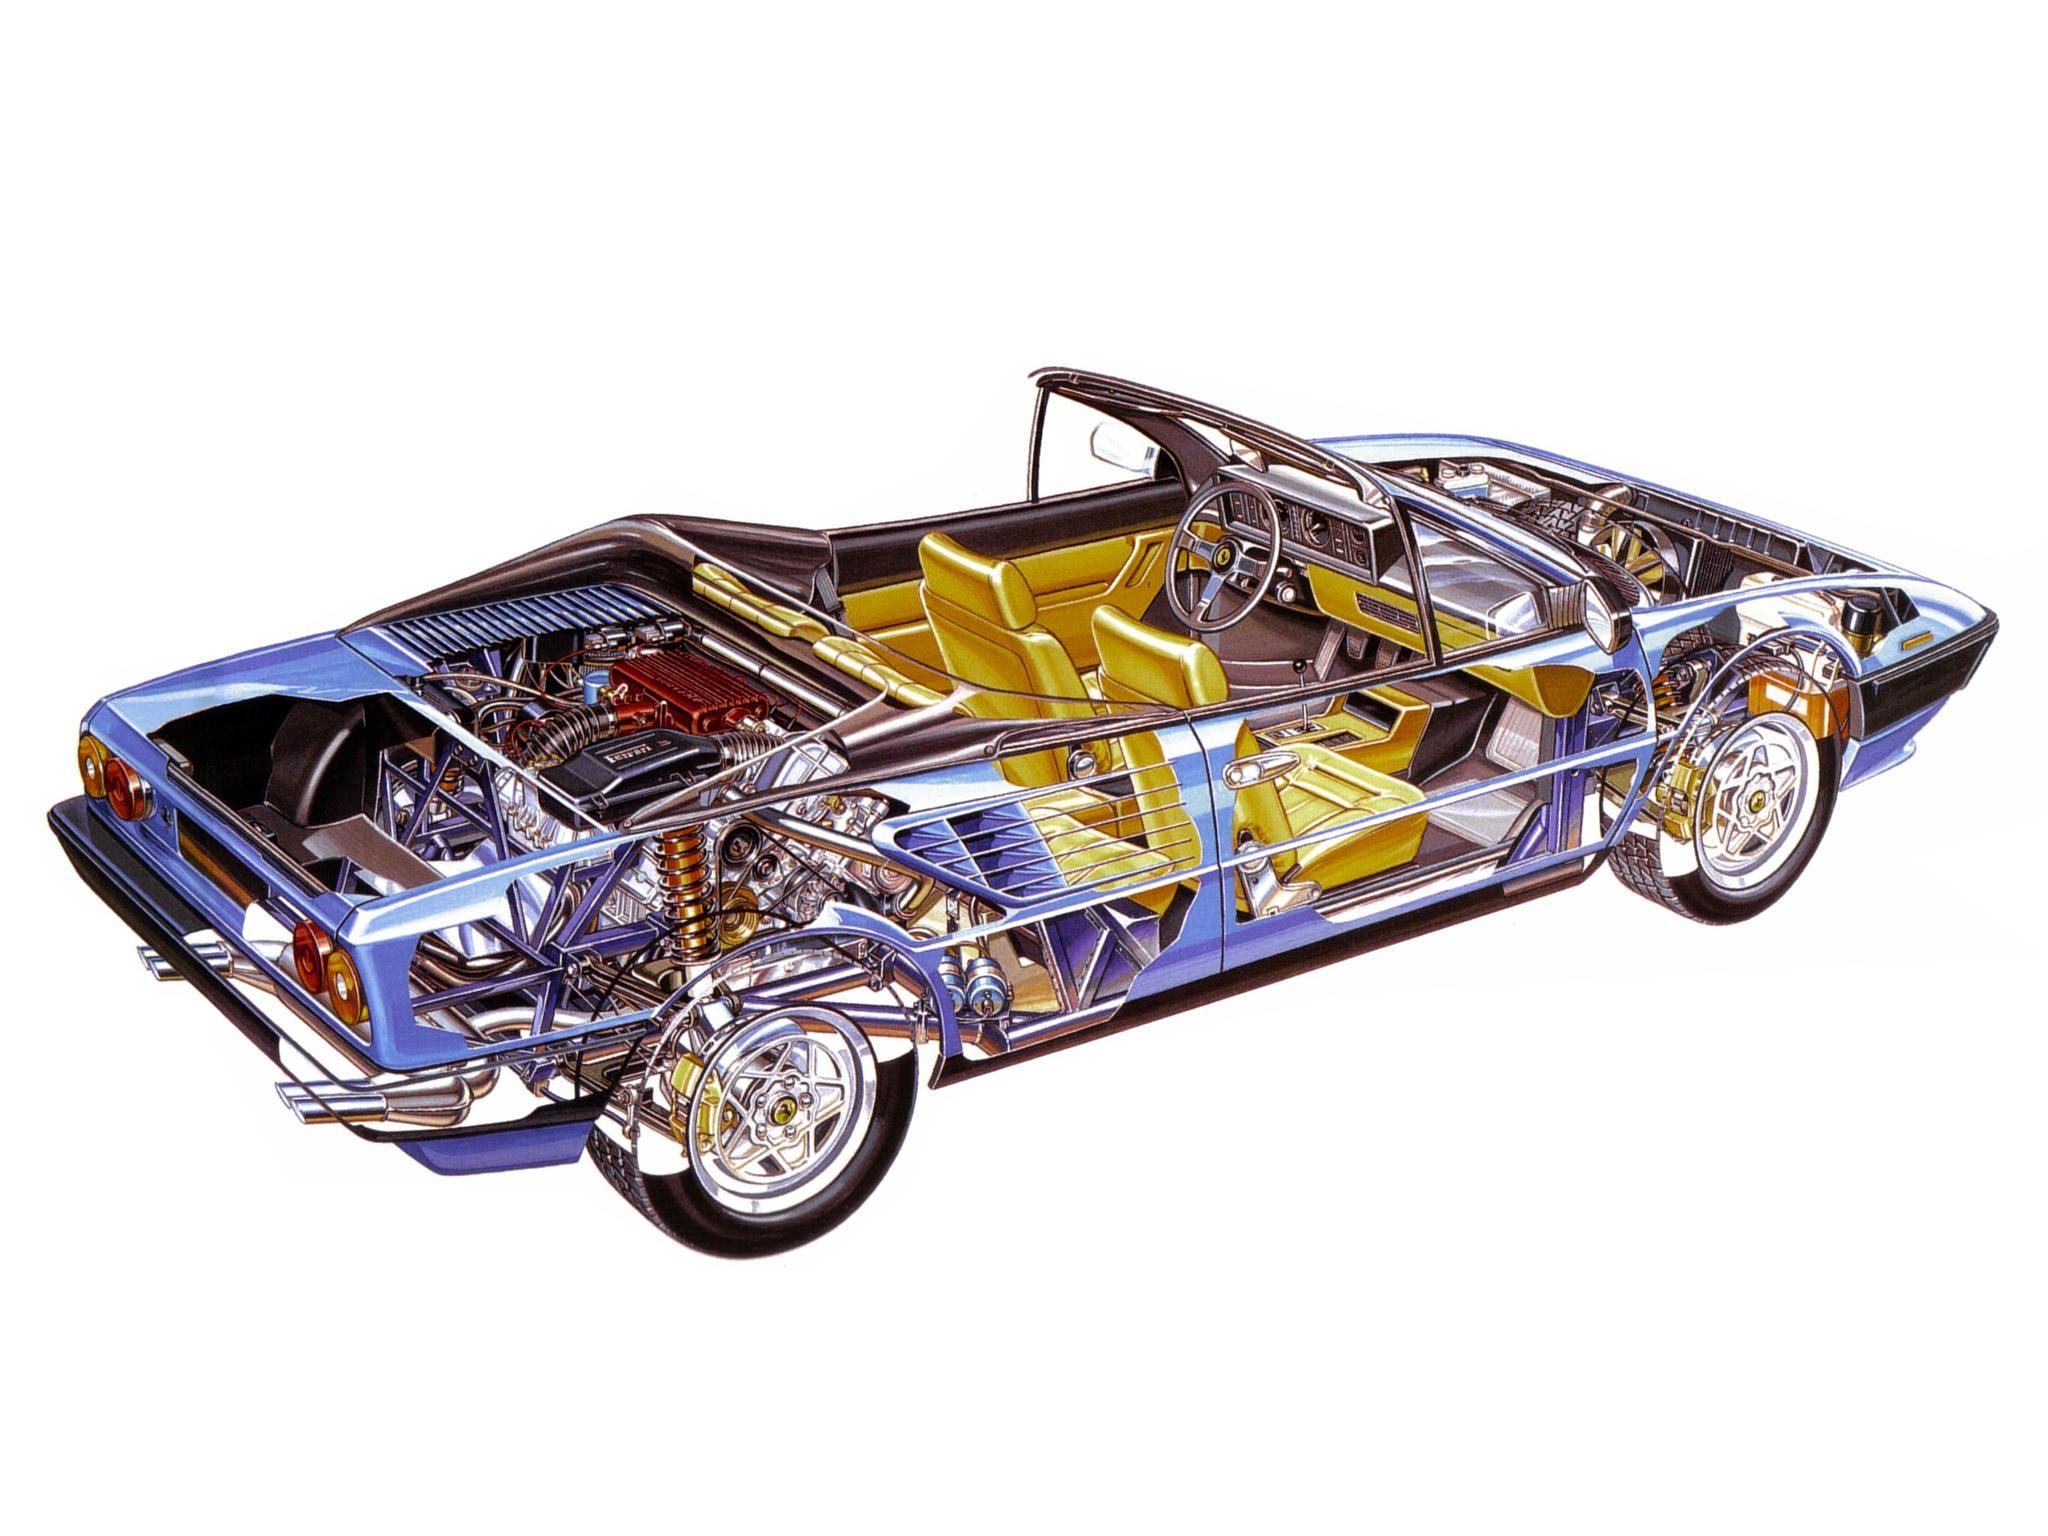 Ferrari Mondial Cabriolet cutaway drawing